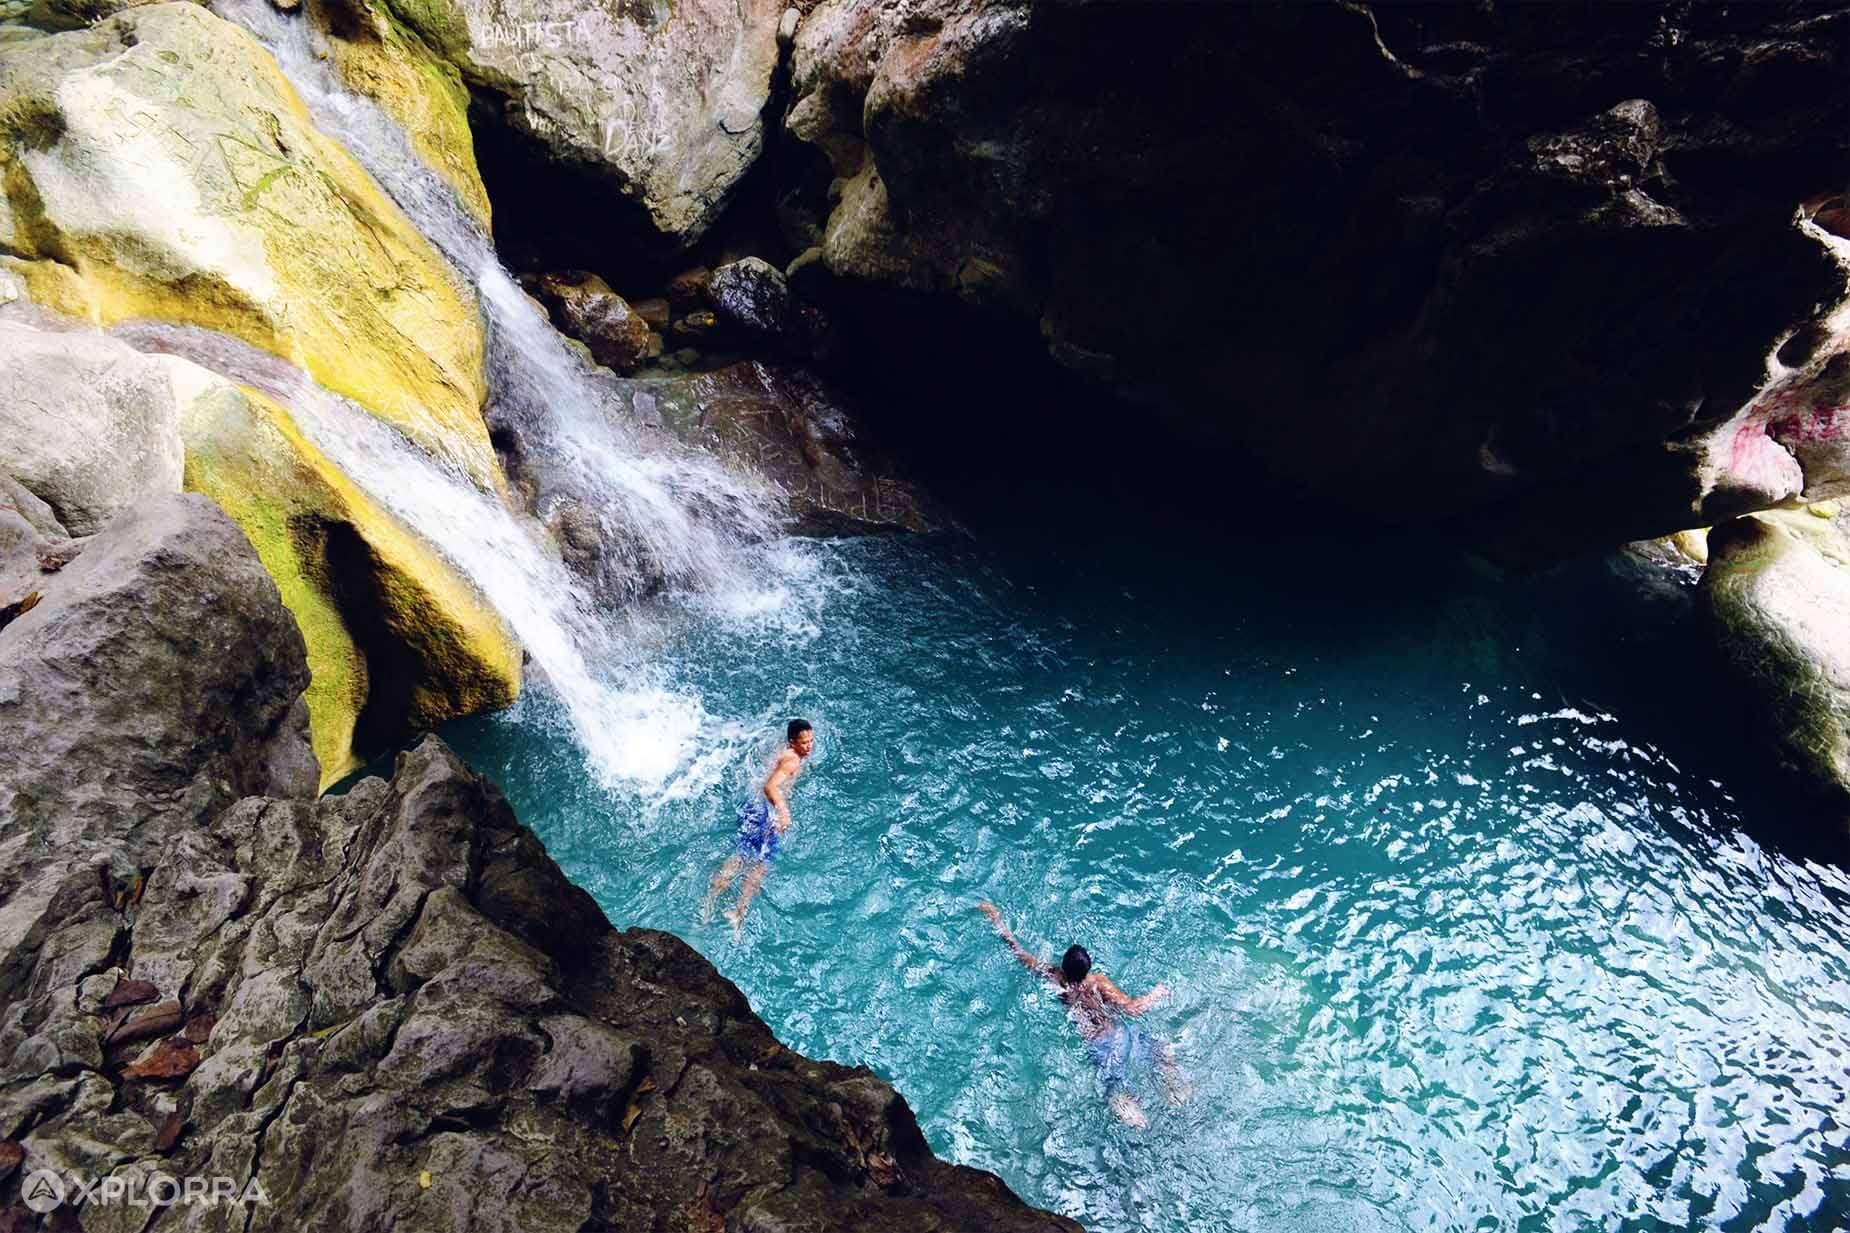 Pangasinan tourist spots, Pangasinan travel guide, Antong Falls in Pangasinan,